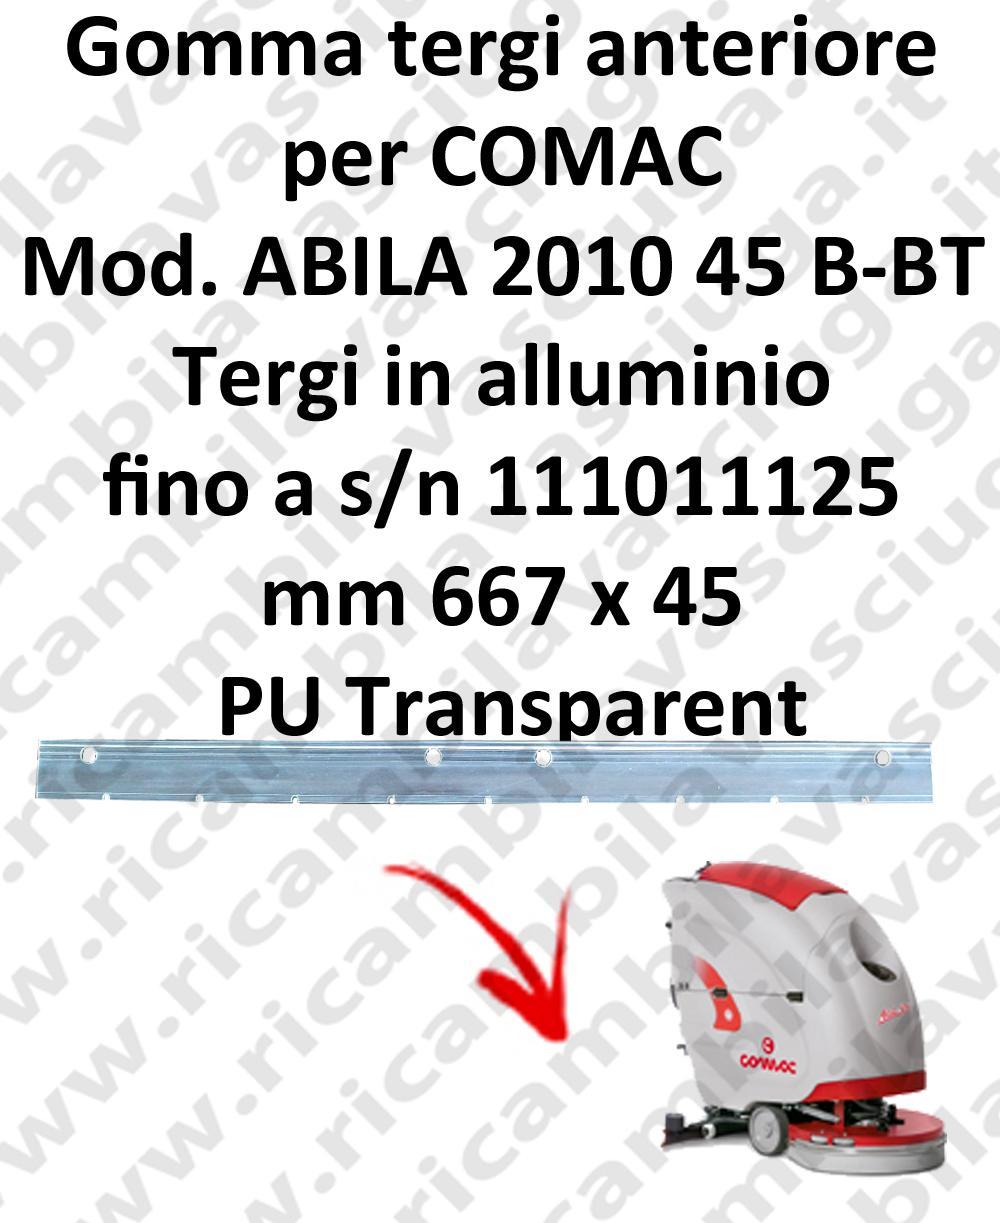 Gomma tergipavimento anteriore per lavapavimenti COMAC ABILA 2010 45 B-BT